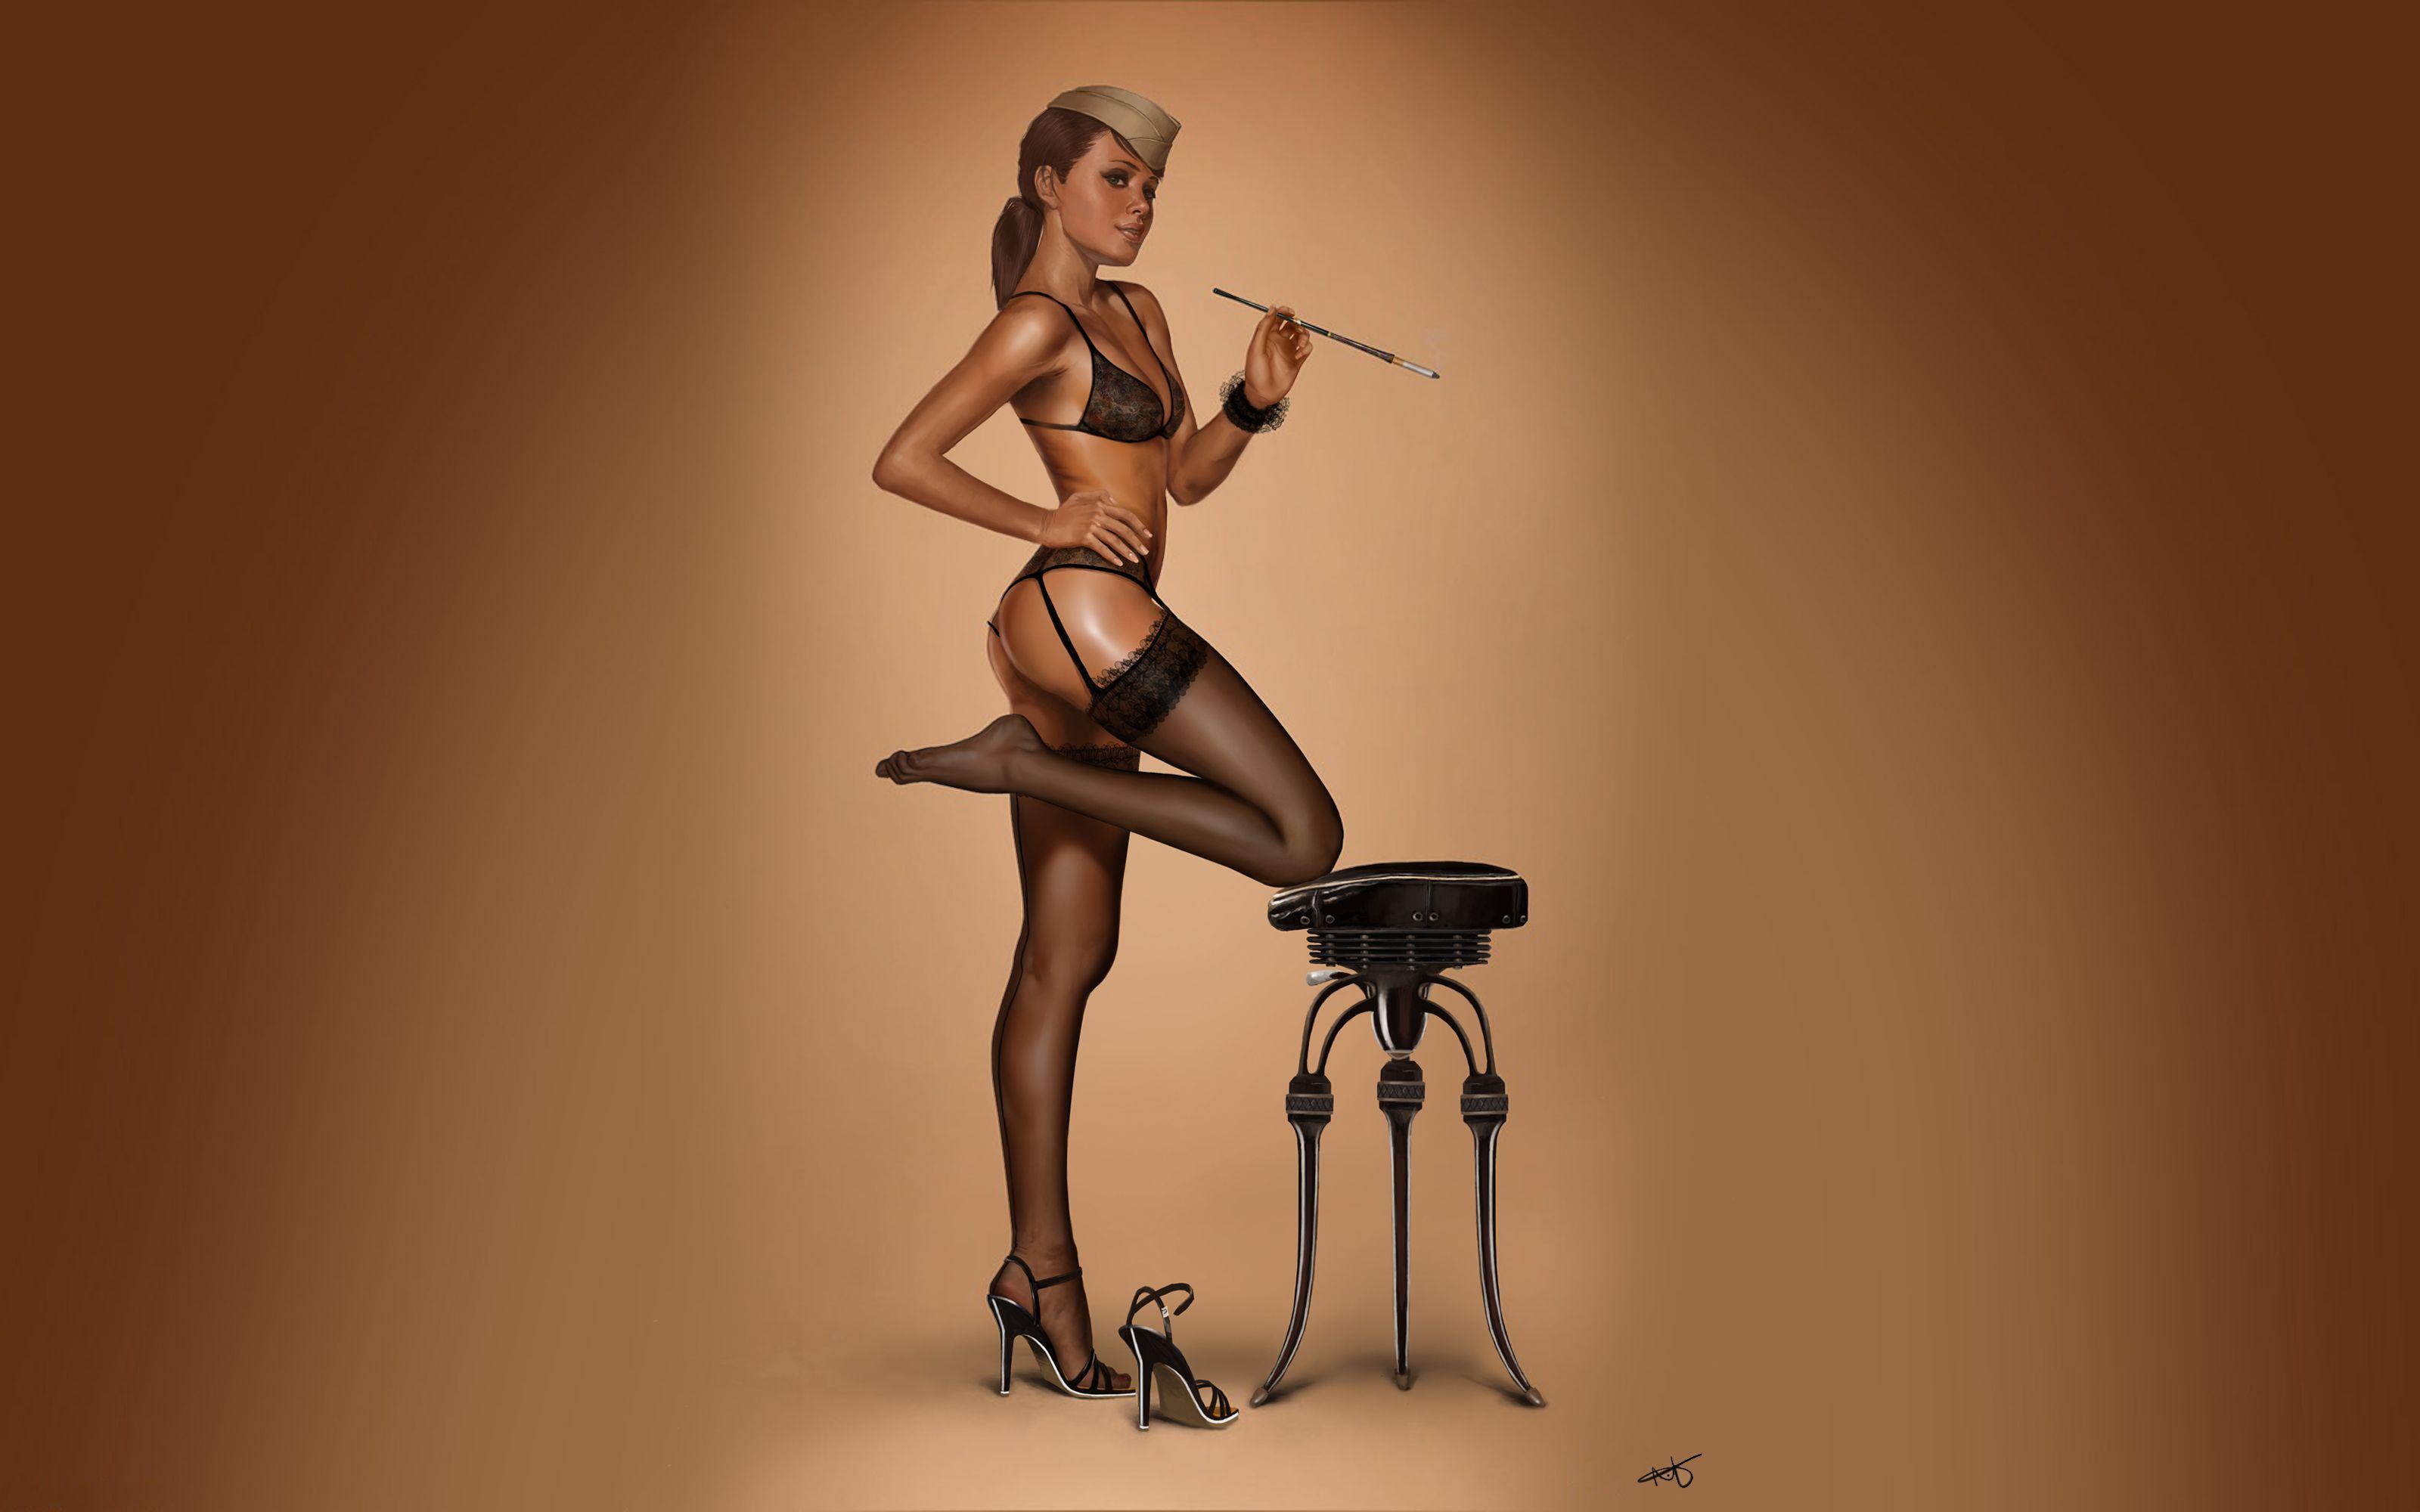 girl-black-pin-up-girl-nude-desi